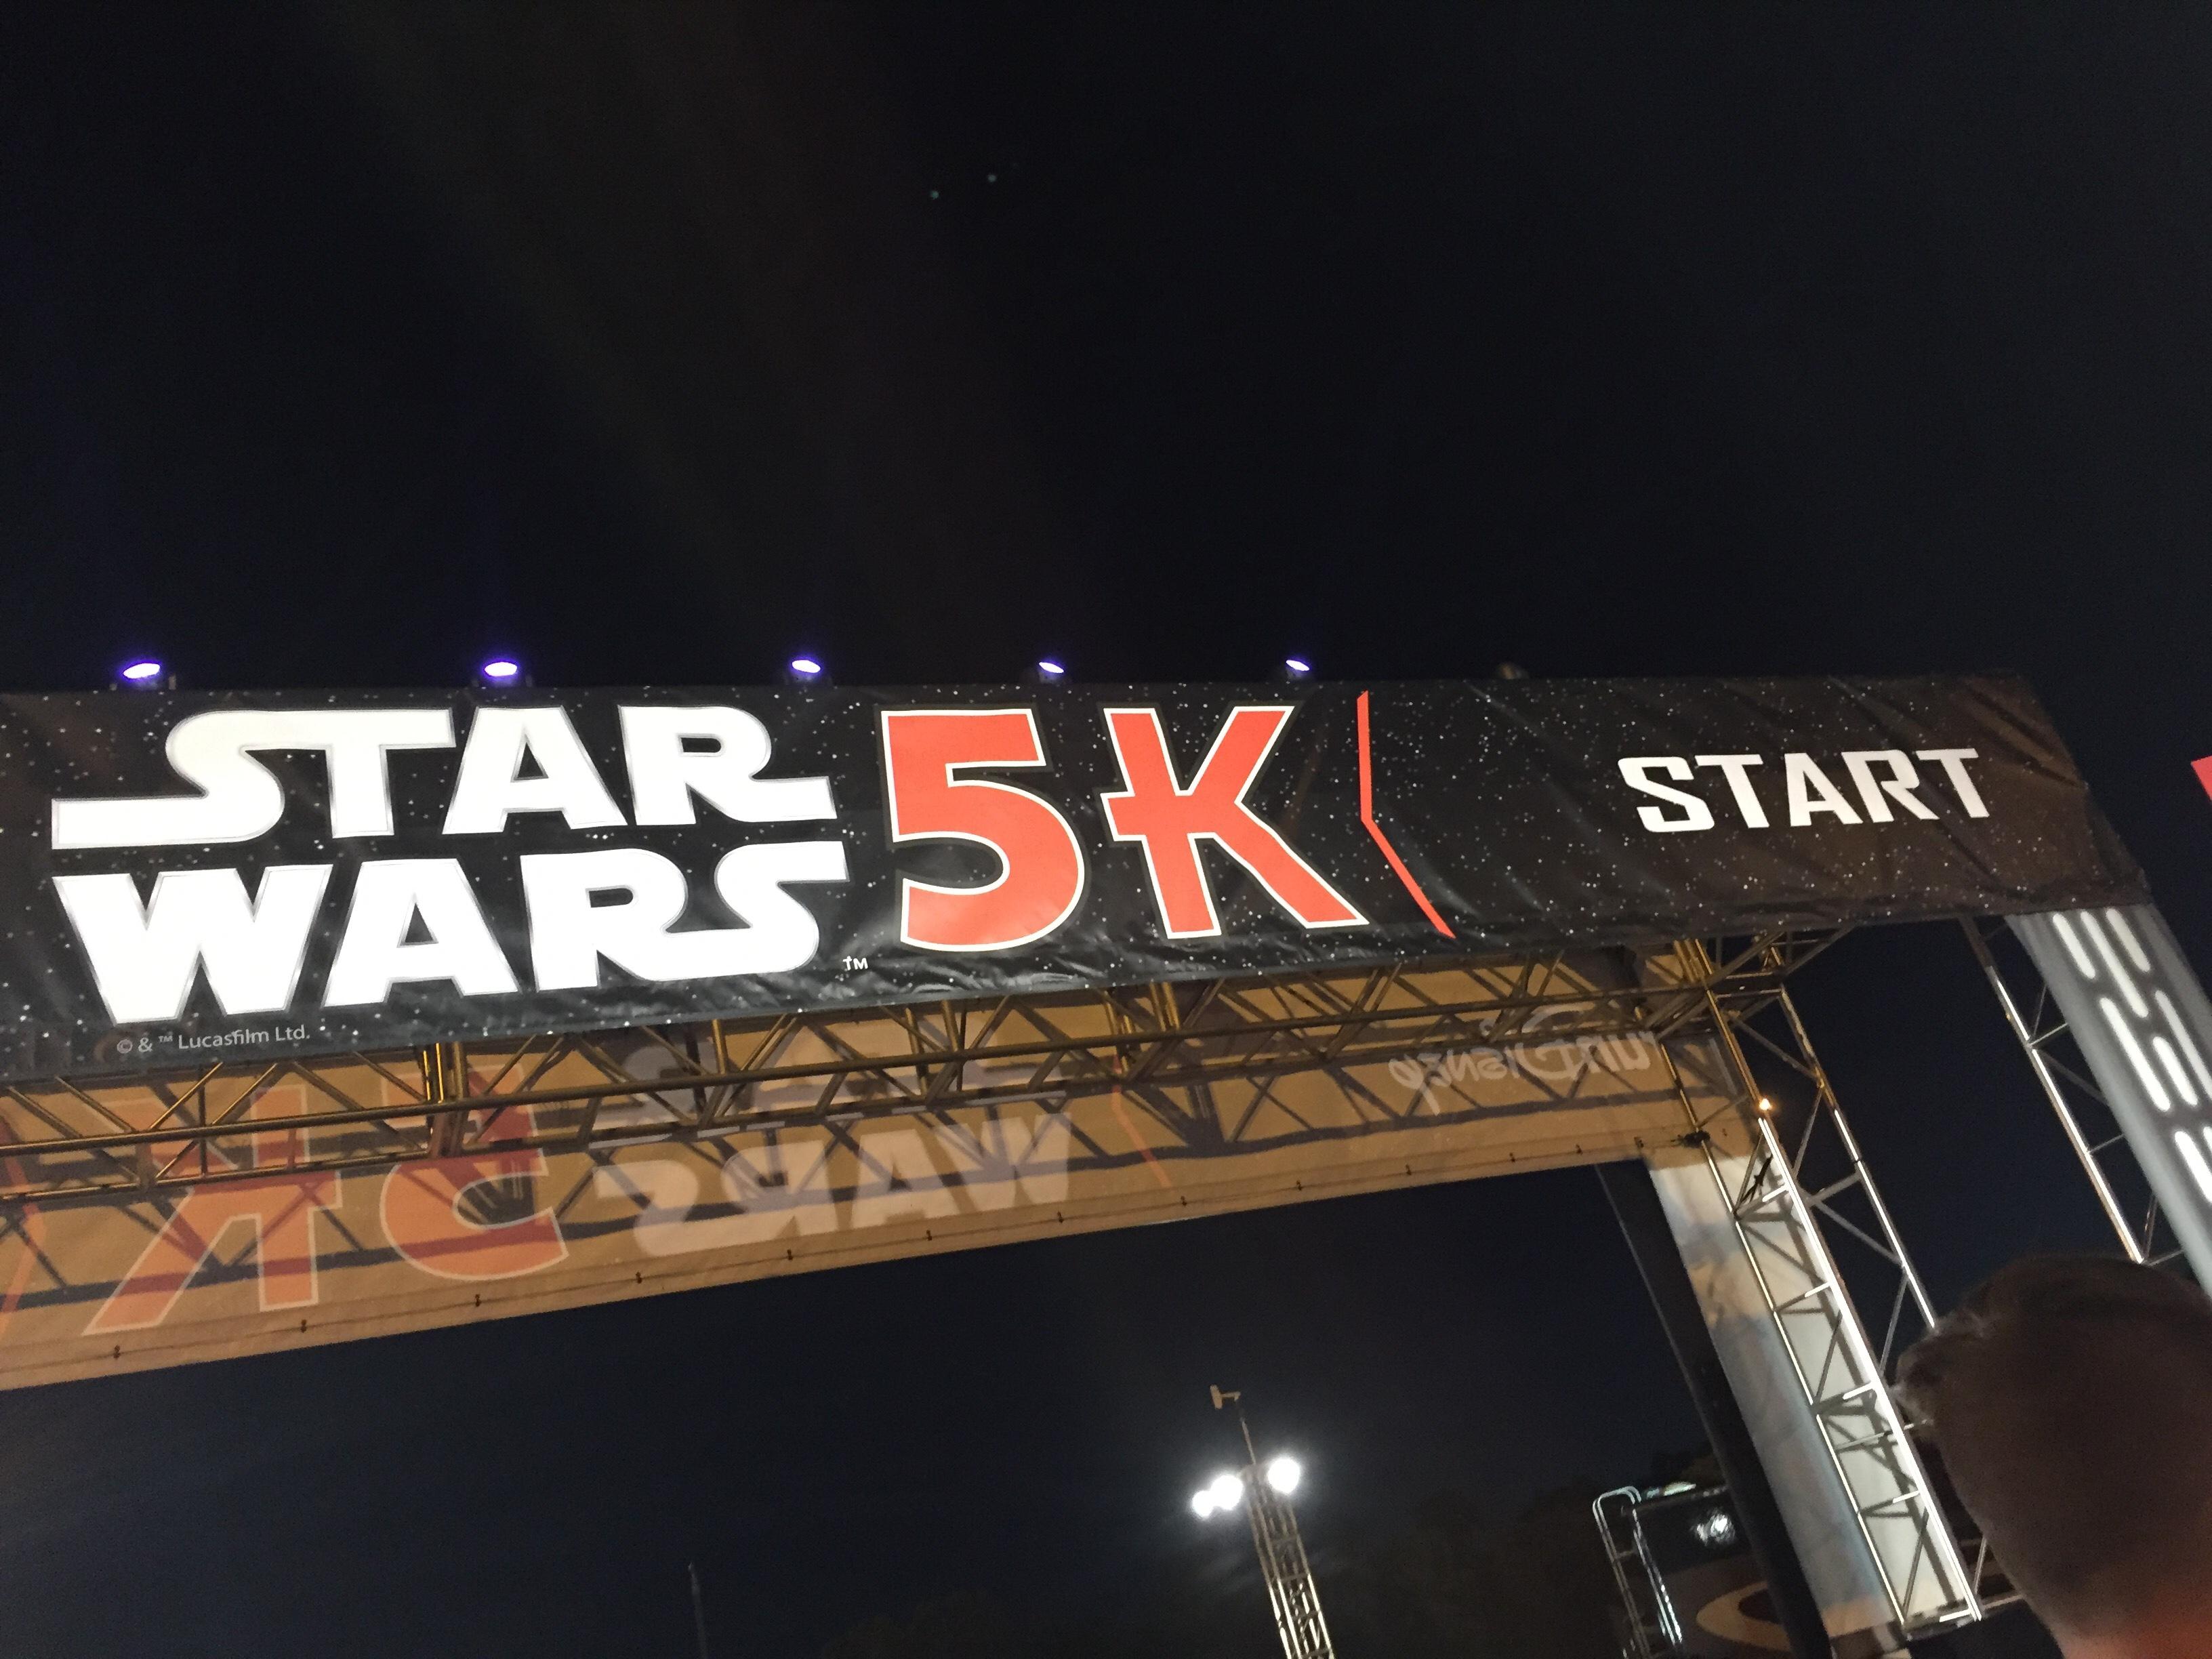 Star Wars 5k Start